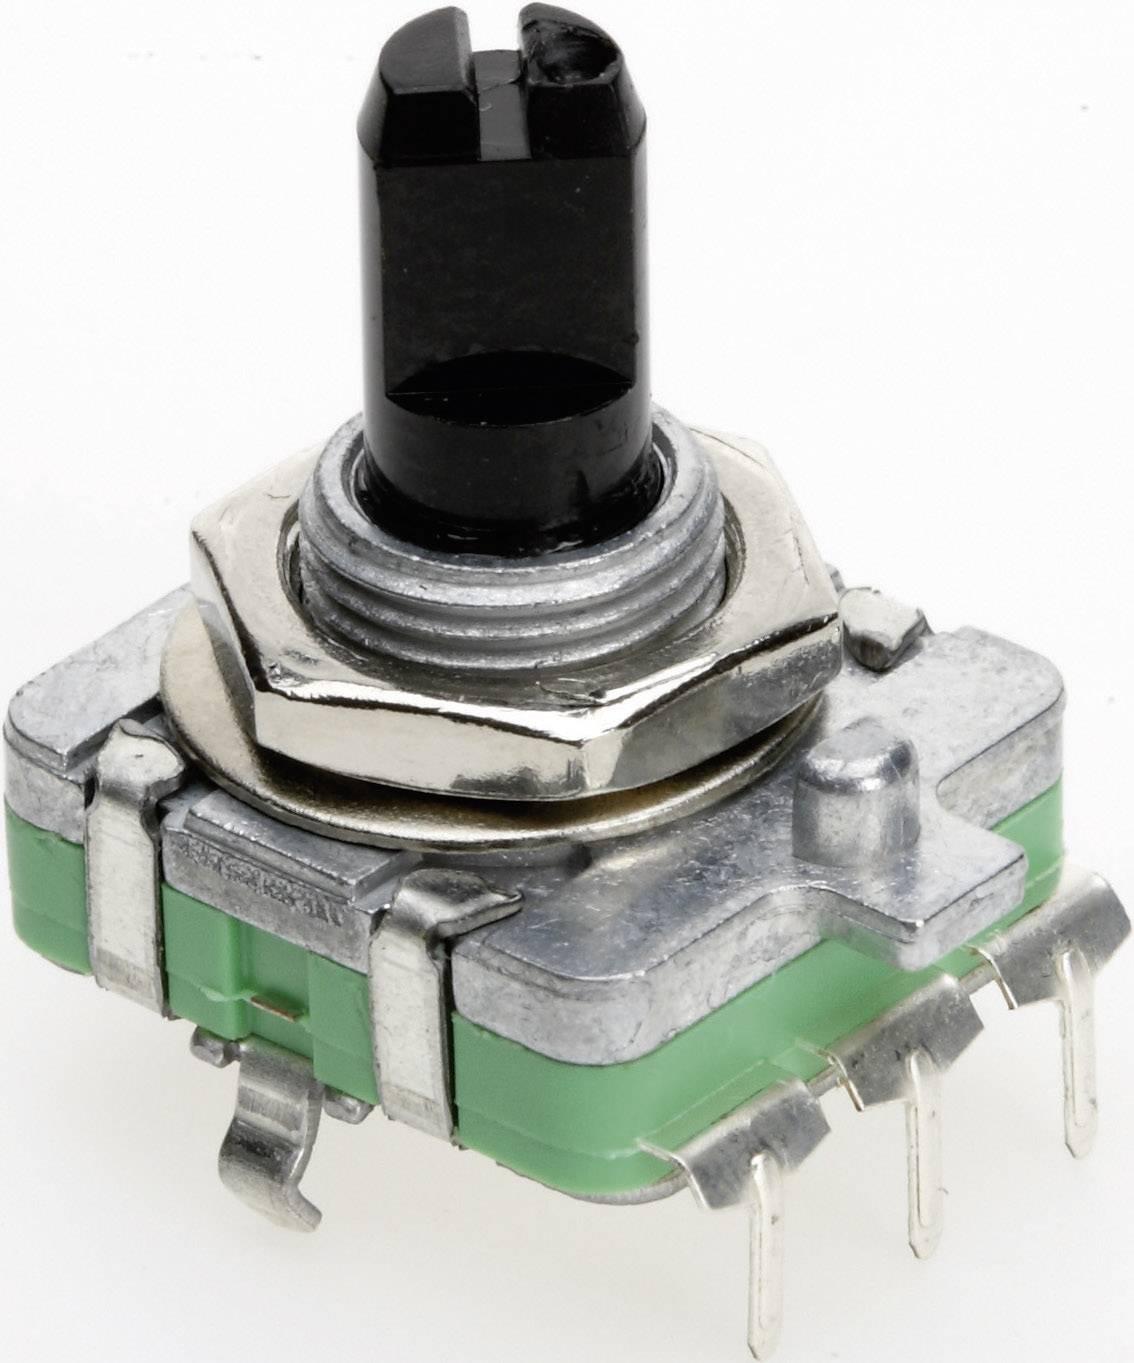 Enkodér do DPS TT El. AB 9302540010, 360 °, 9,5 mm, 5 V/DC, 0,005 A, do DPS